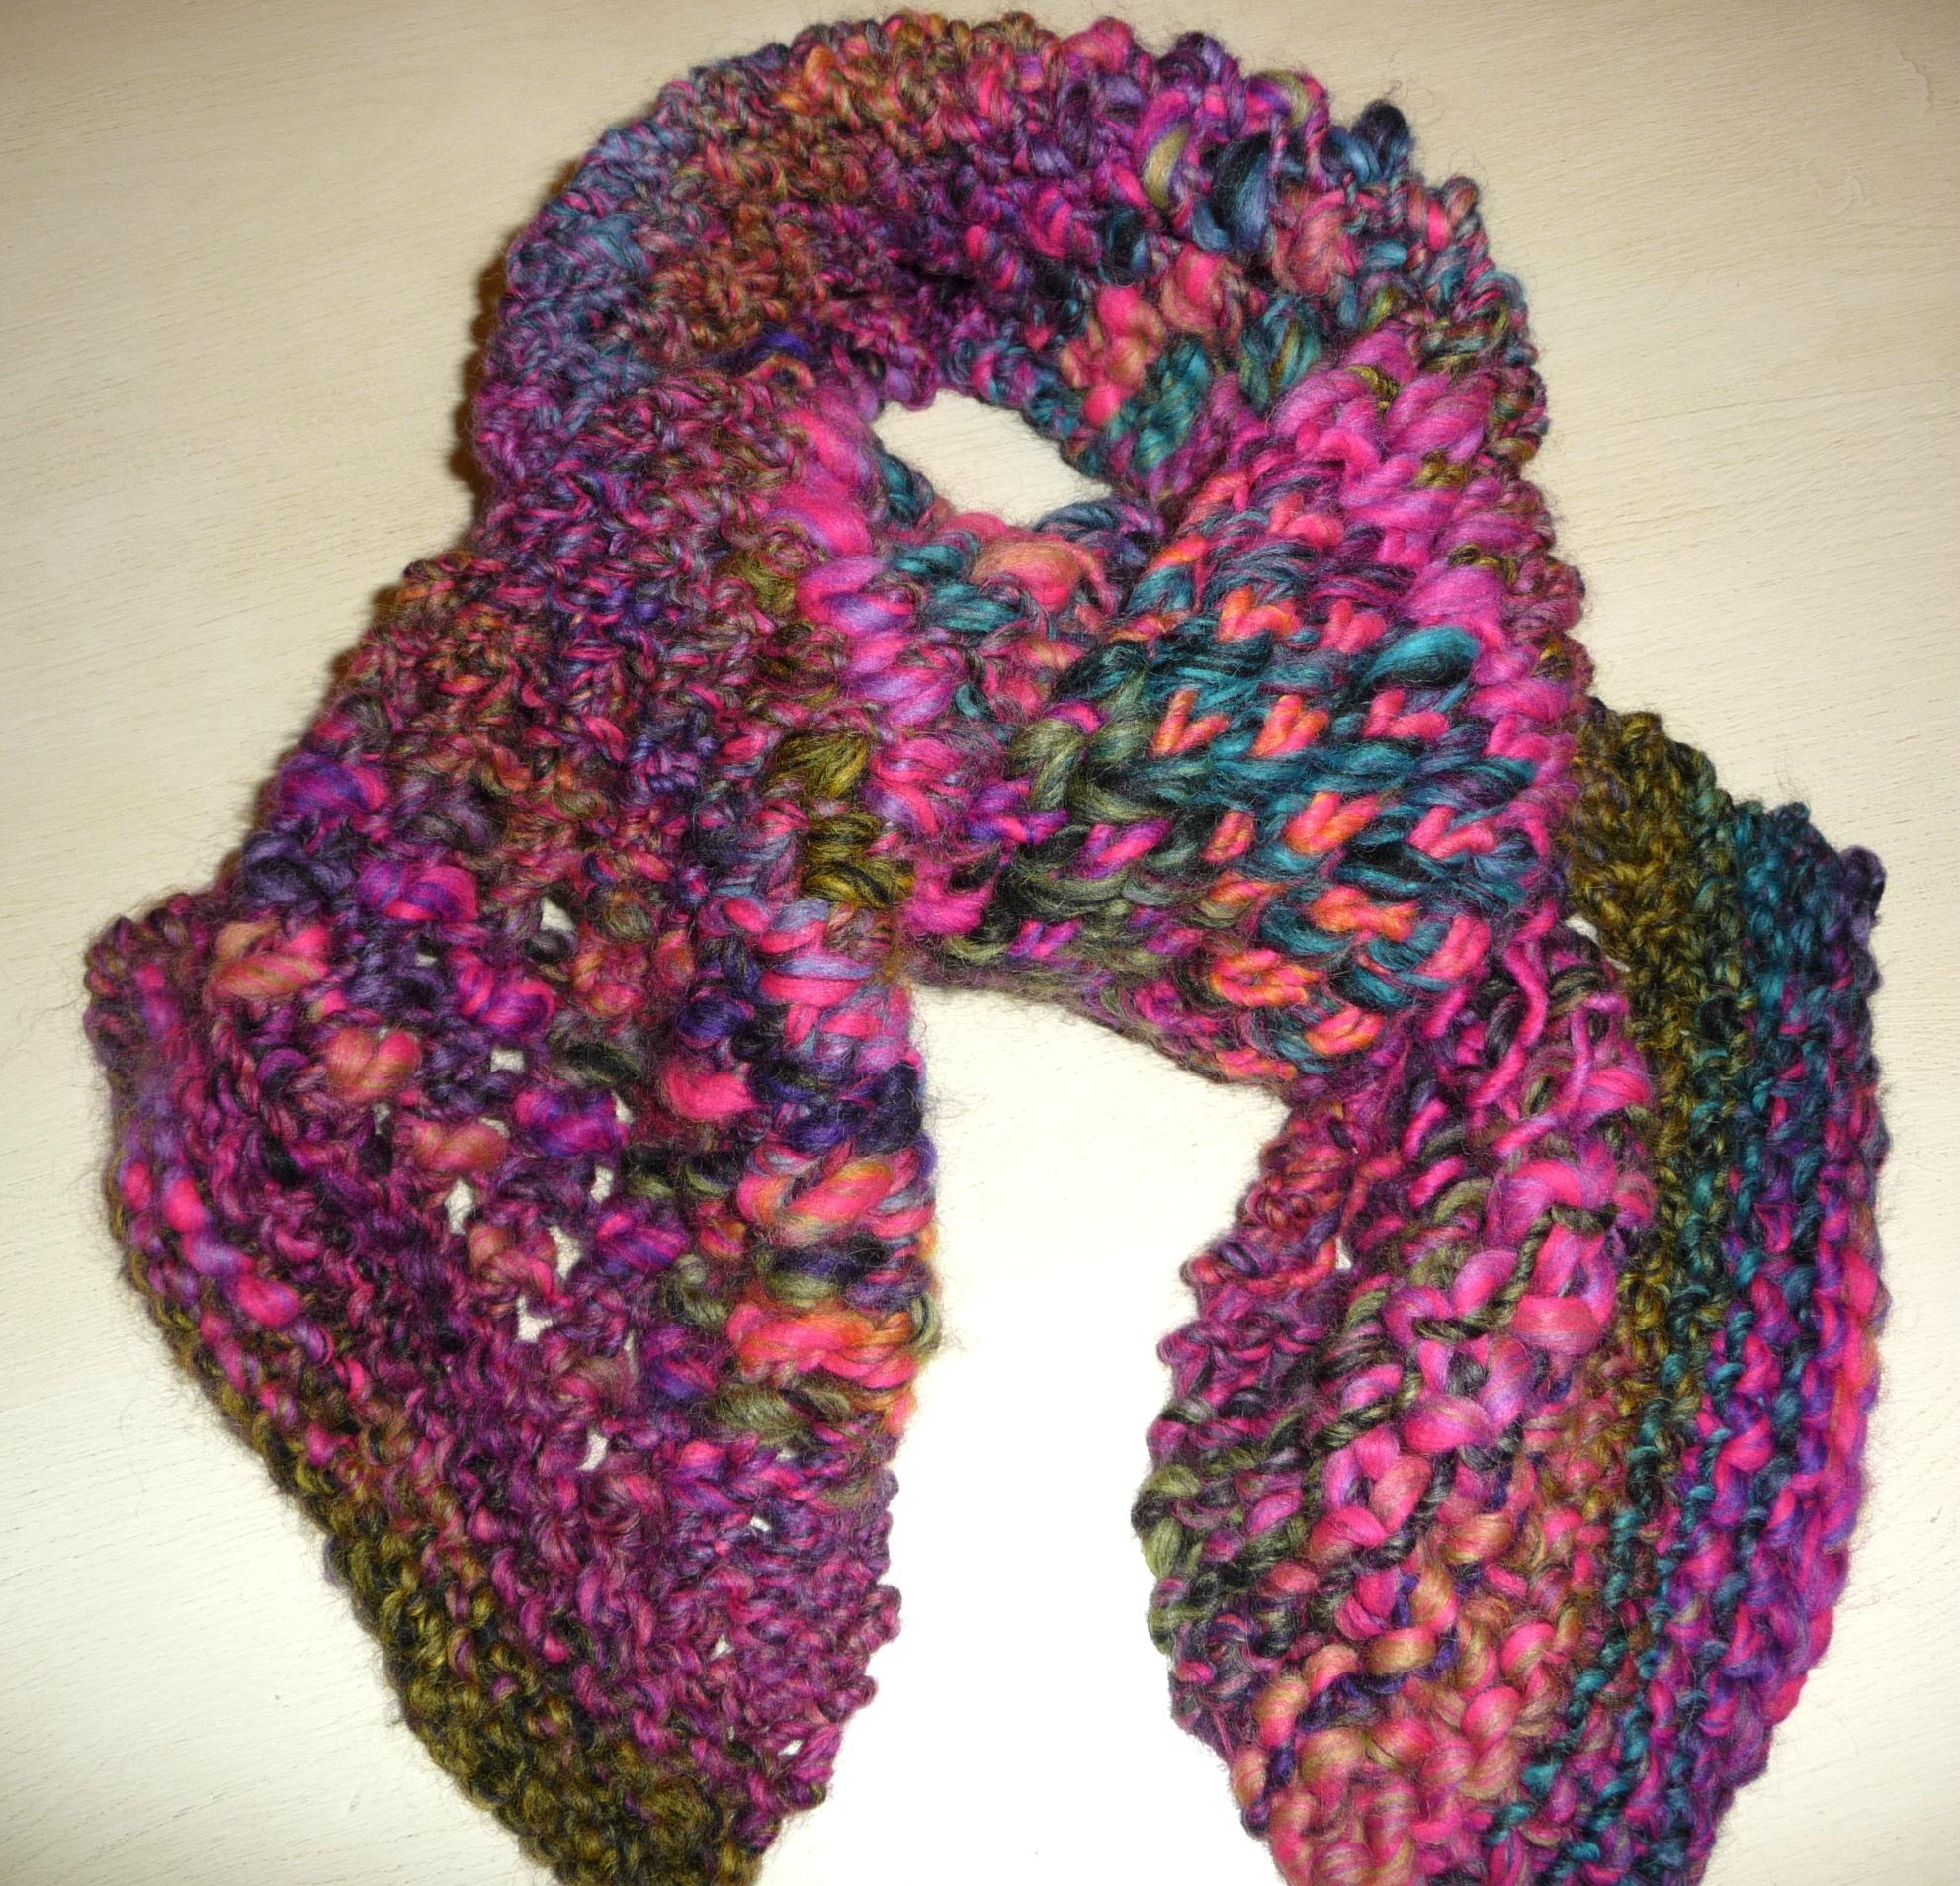 Echarpe ajourée en laine KATIA USHUAIA - La Malle aux Mille Mailles 9774ee26caf